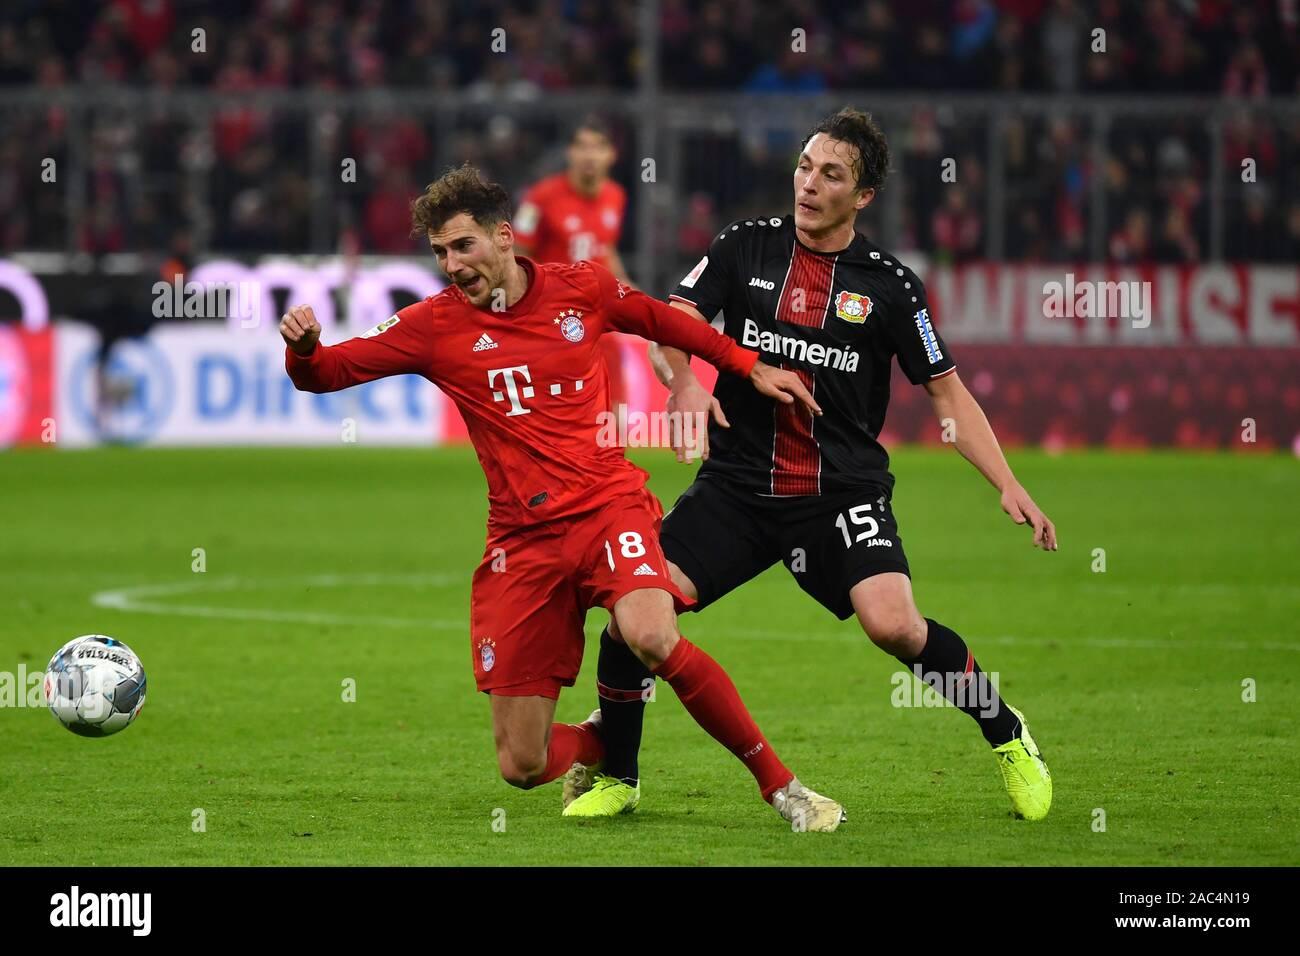 Julian BAUMGARTLINGER (Bayer Leverkusen), action, duels versus ...